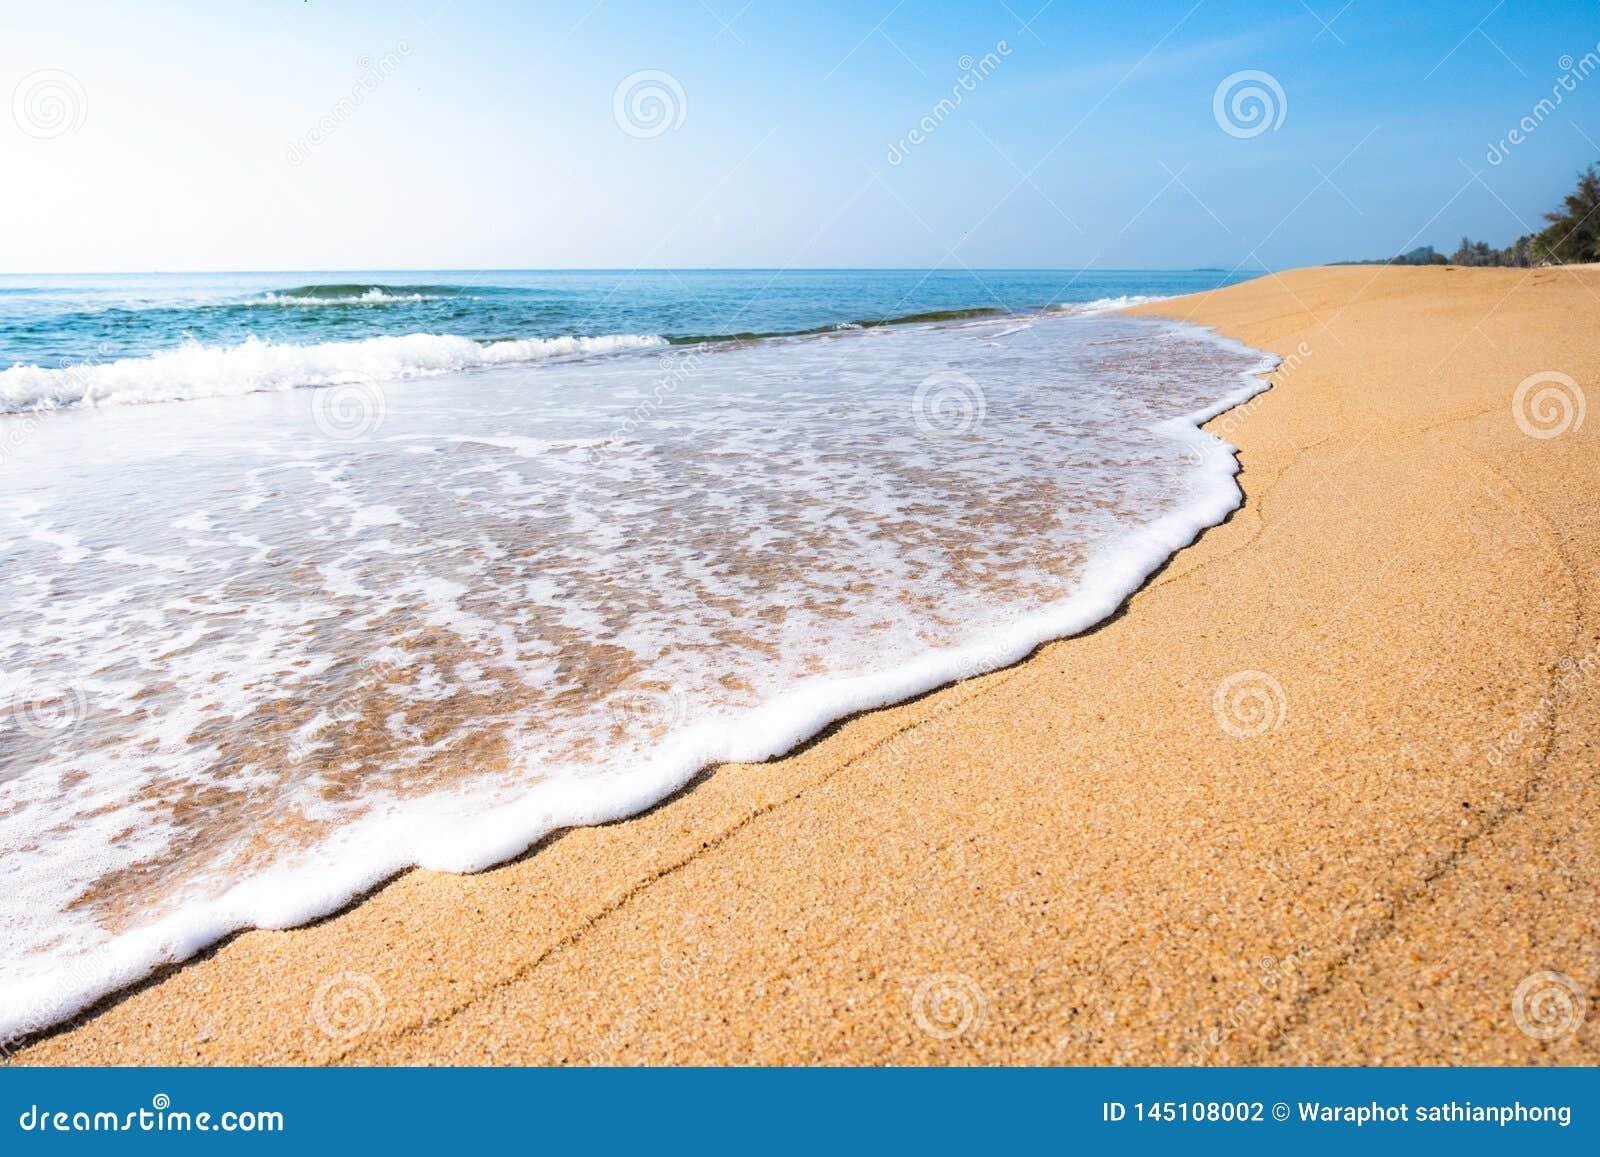 Eine ruhige Strandszene in Thailand, in den exotischen tropischen Strandlandschaften und im blauen Meer unter einem blauen Hinter